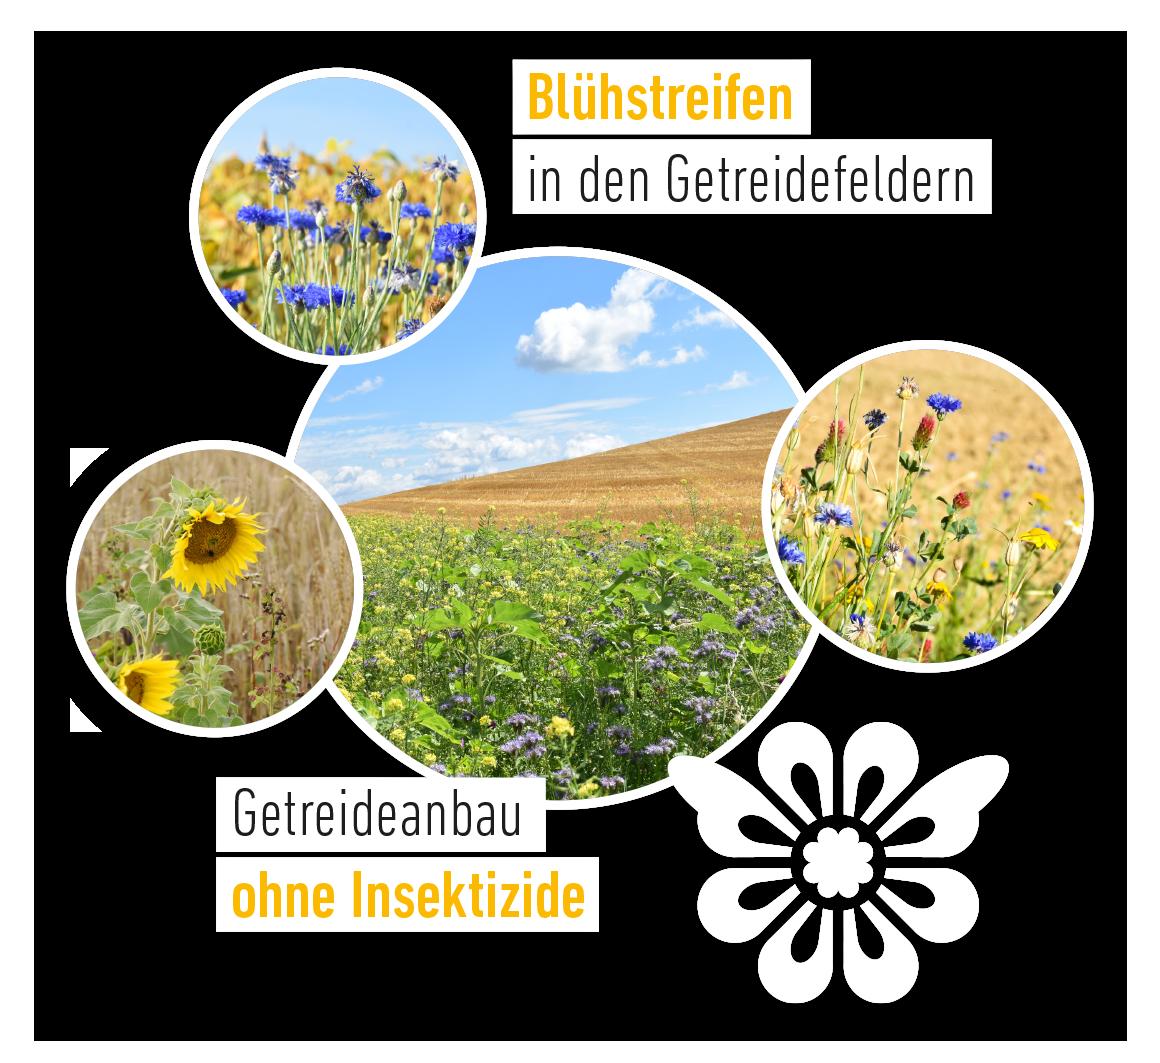 Blumenkorn Blühstreifen in den Getreidefeldern ohne Insektizide